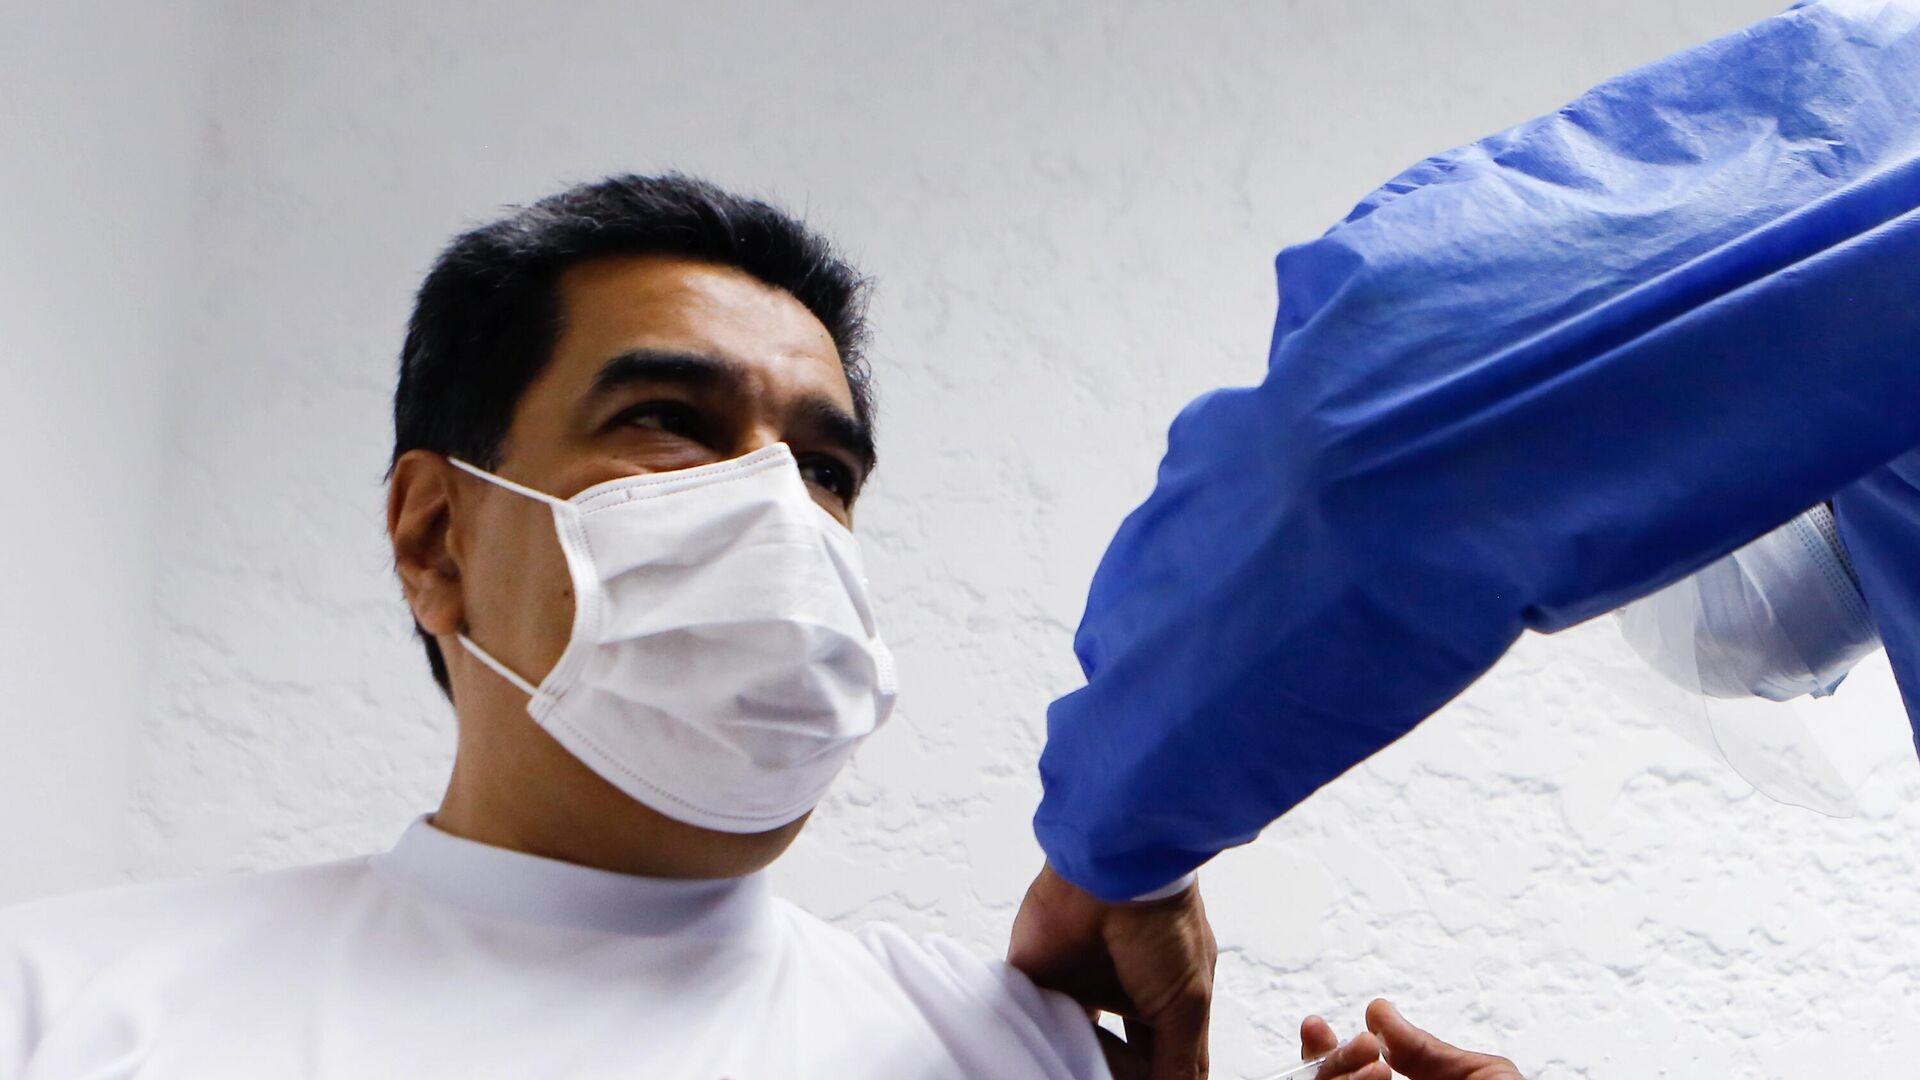 Президент Венесуэлы Николас Мадуро вакцинируется российским препаратом от коронавируса Спутник V - РИА Новости, 1920, 29.03.2021